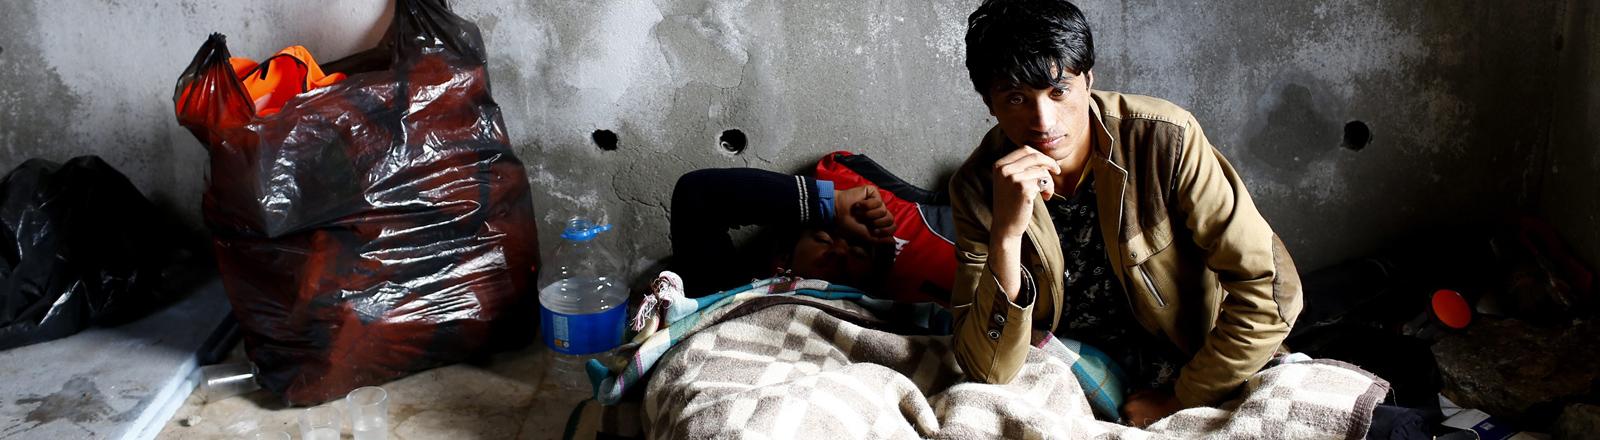 Afghanische Flüchtlinge übernachten in einem verlassenen Haus in Izmir in der Türkei.